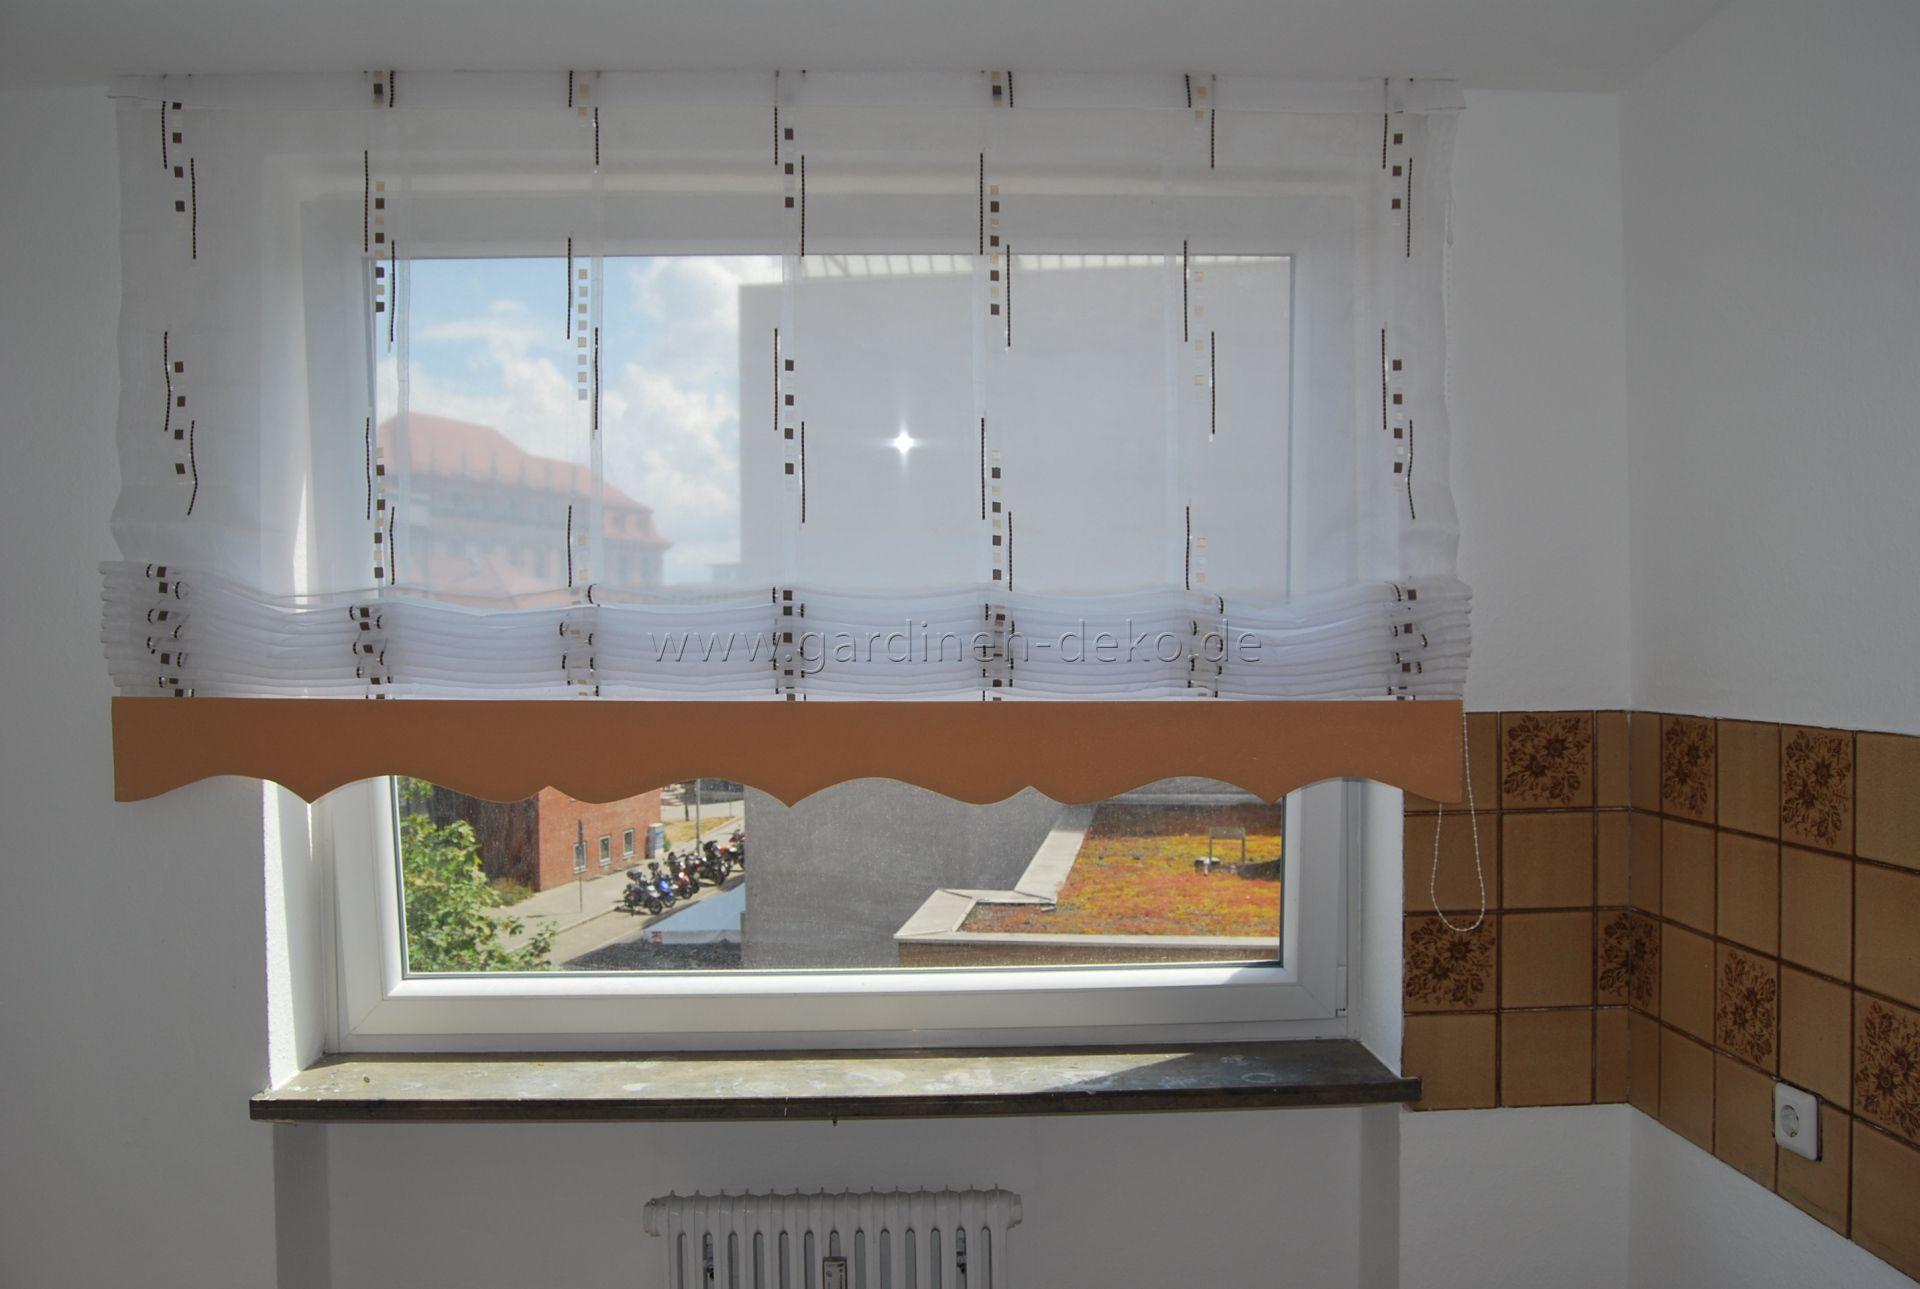 Full Size of Küchenfenster Gardinen Hellbrauner Ziehvorhang Mit Wellenschabracke Fr Kche Http Schlafzimmer Für Die Küche Wohnzimmer Fenster Scheibengardinen Wohnzimmer Küchenfenster Gardinen